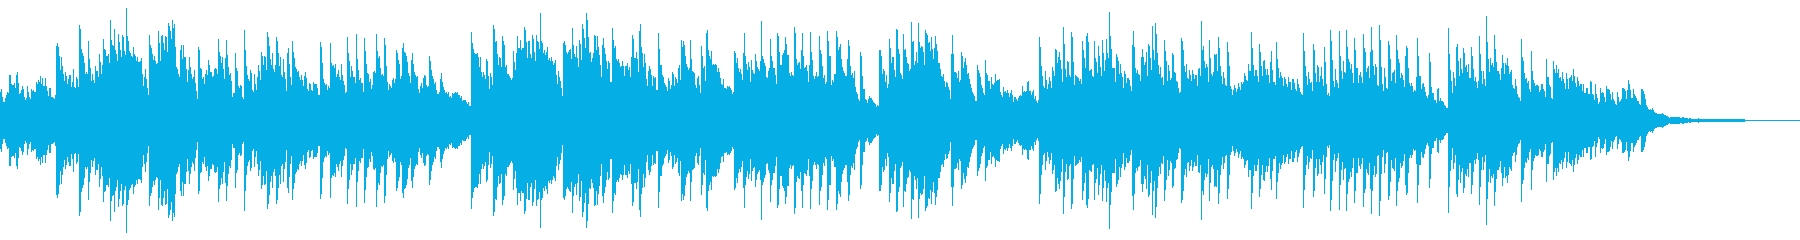 ピアノソロ バラードの再生済みの波形